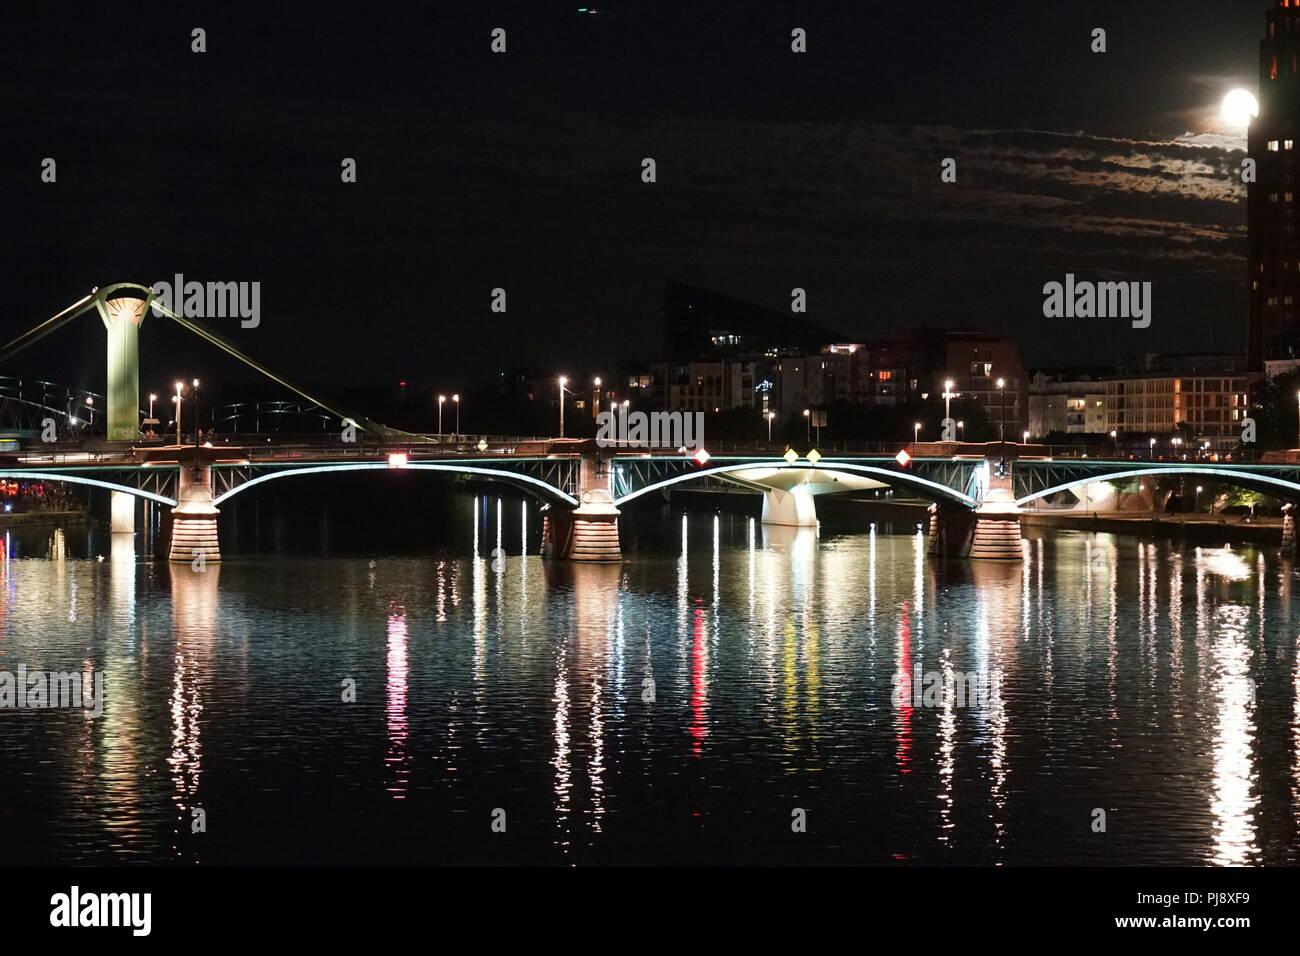 Full Moon, Ignatz-Bubis-Brücke, Main Plaza, Main, Frankfurt am Main, Deutschland, Europa - Stock Image